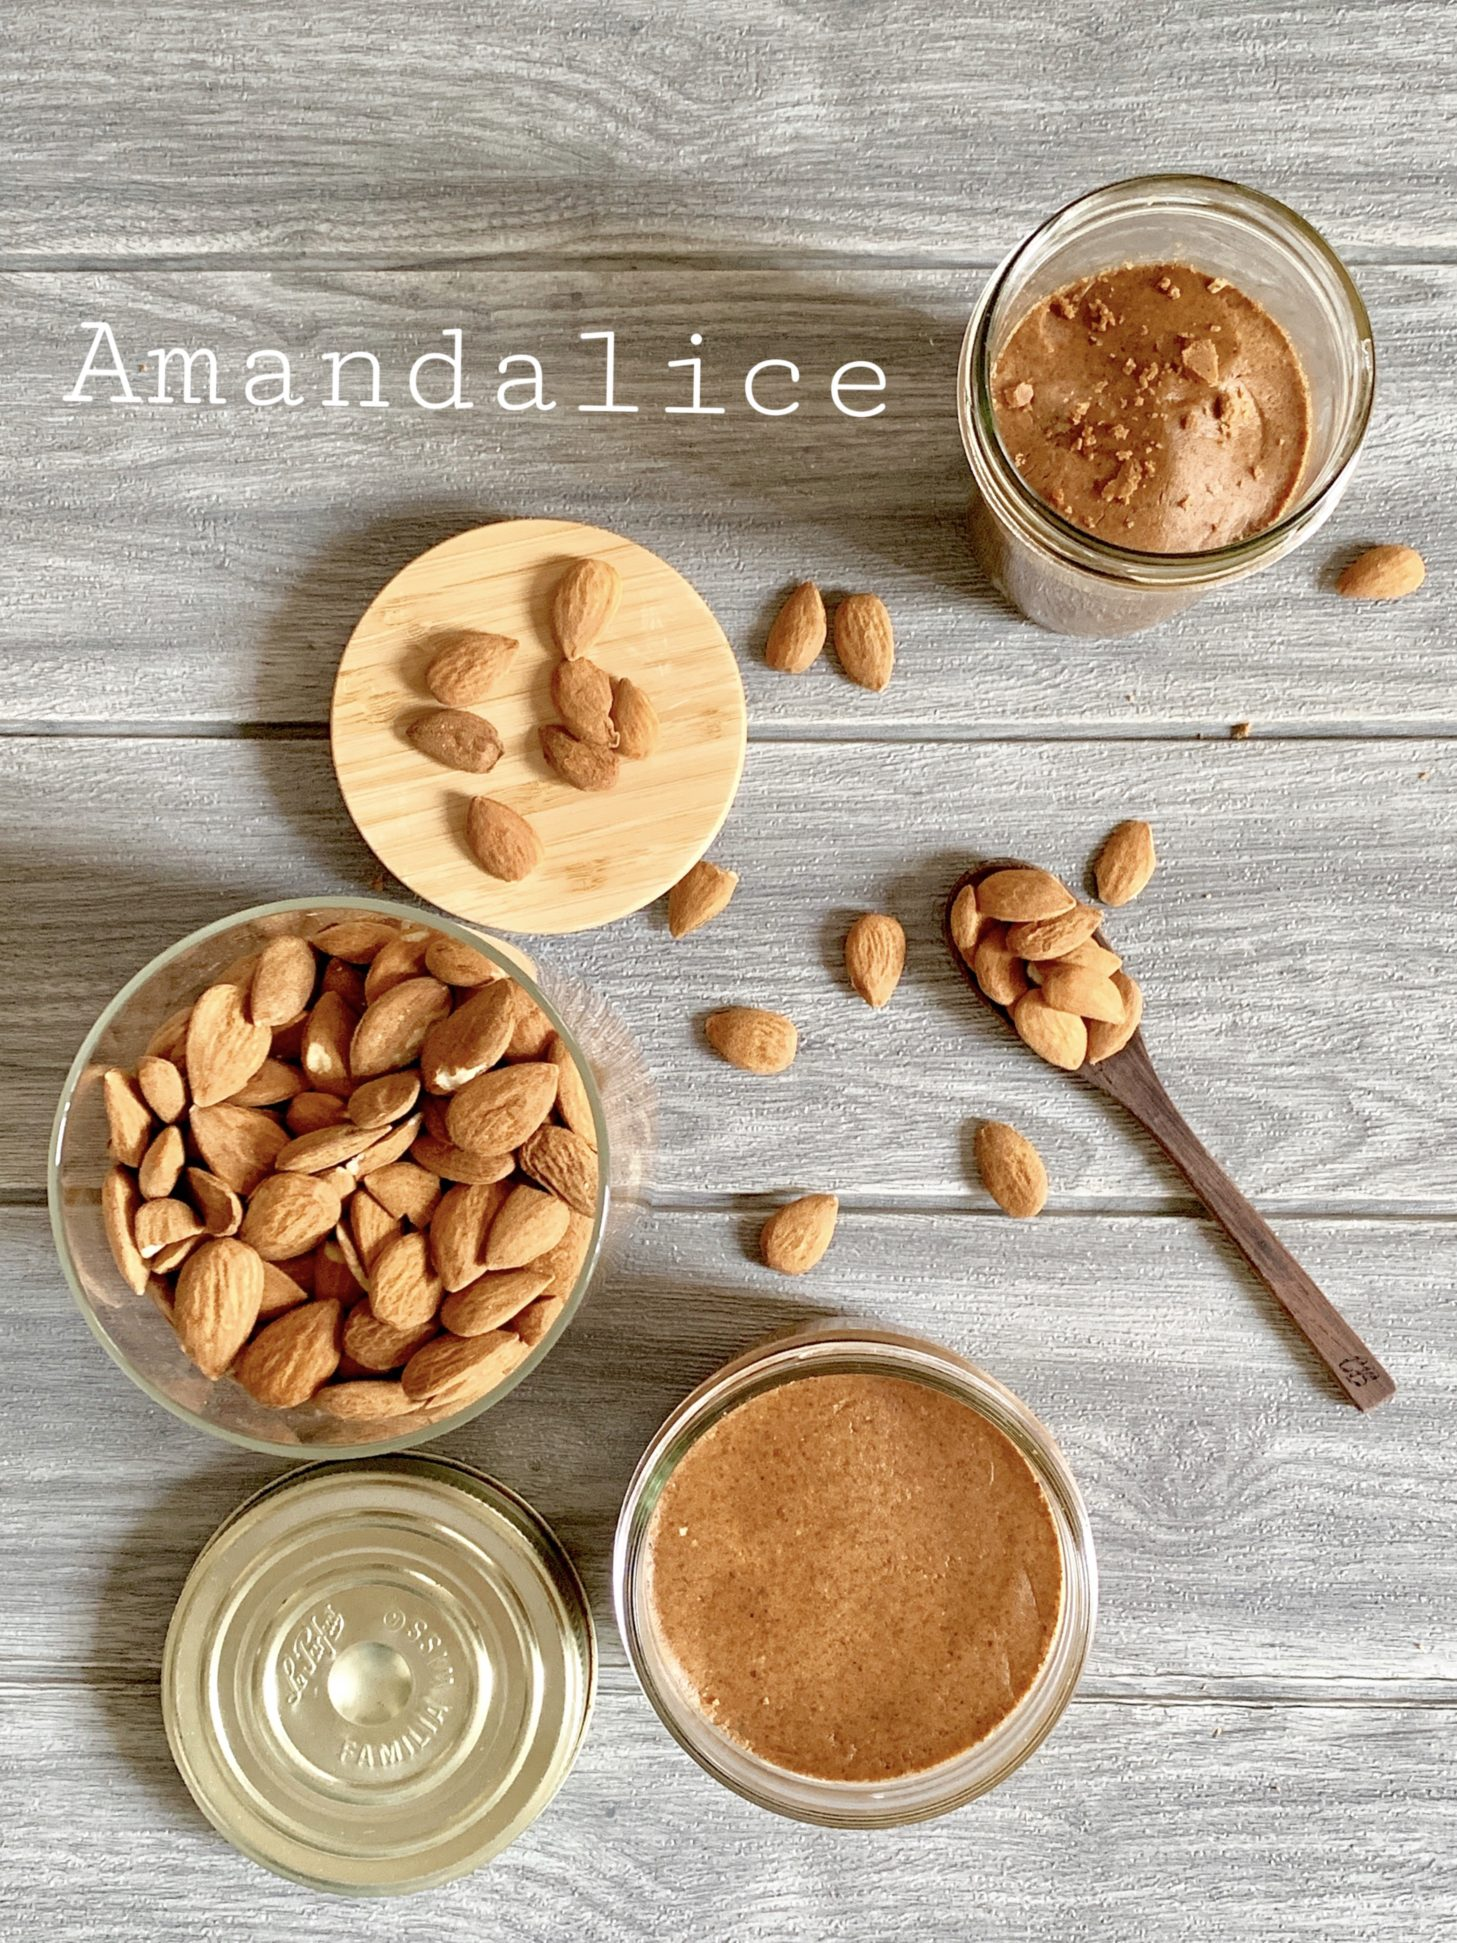 Amandalice